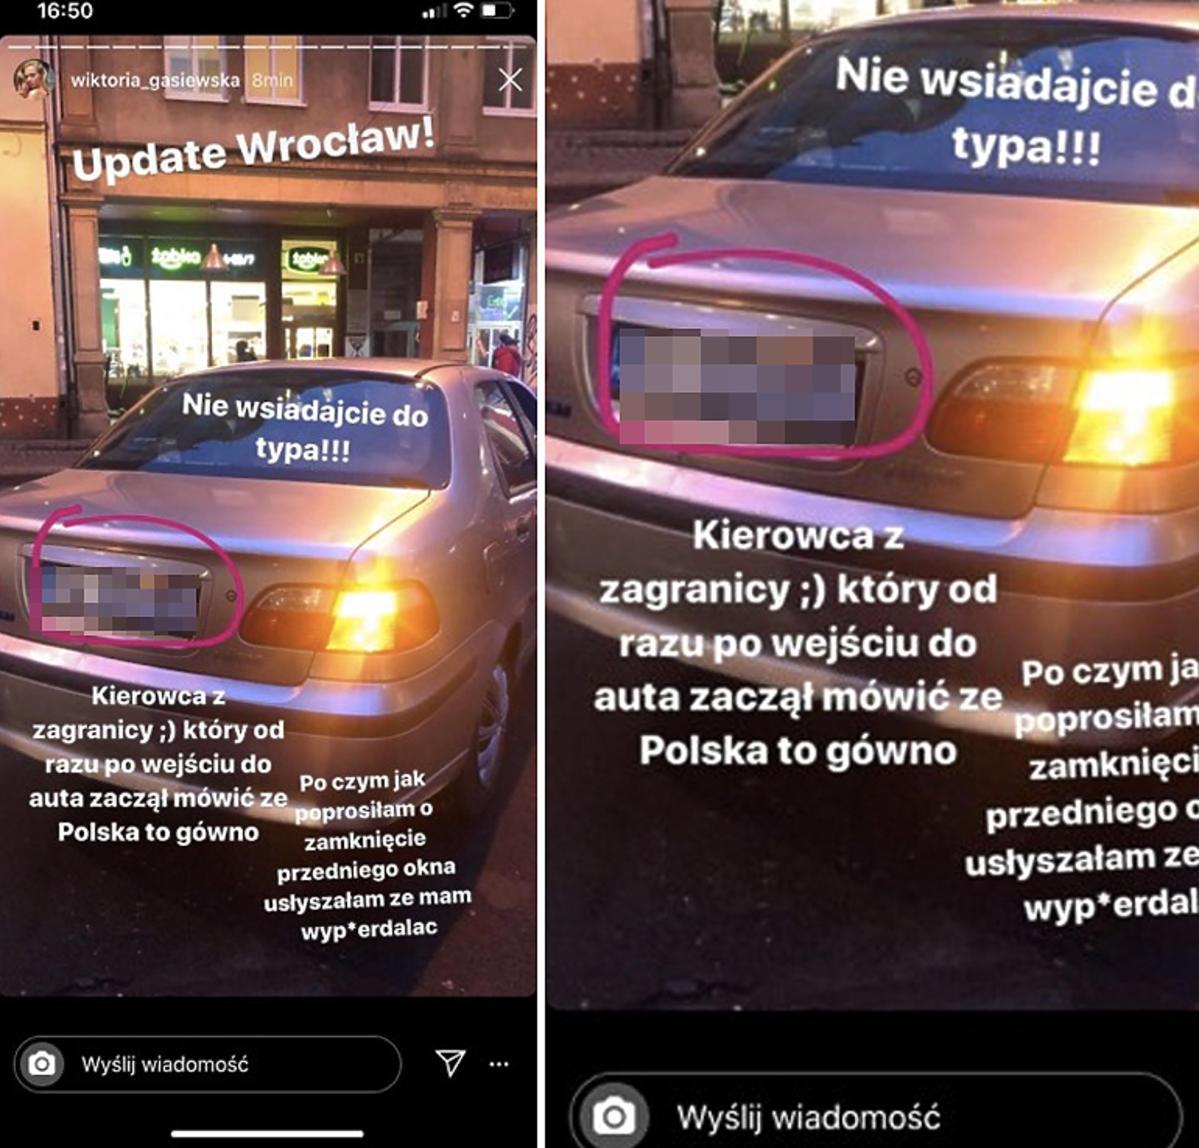 Wiktoria Gąsiewska ostrzega przed taksówkarzem